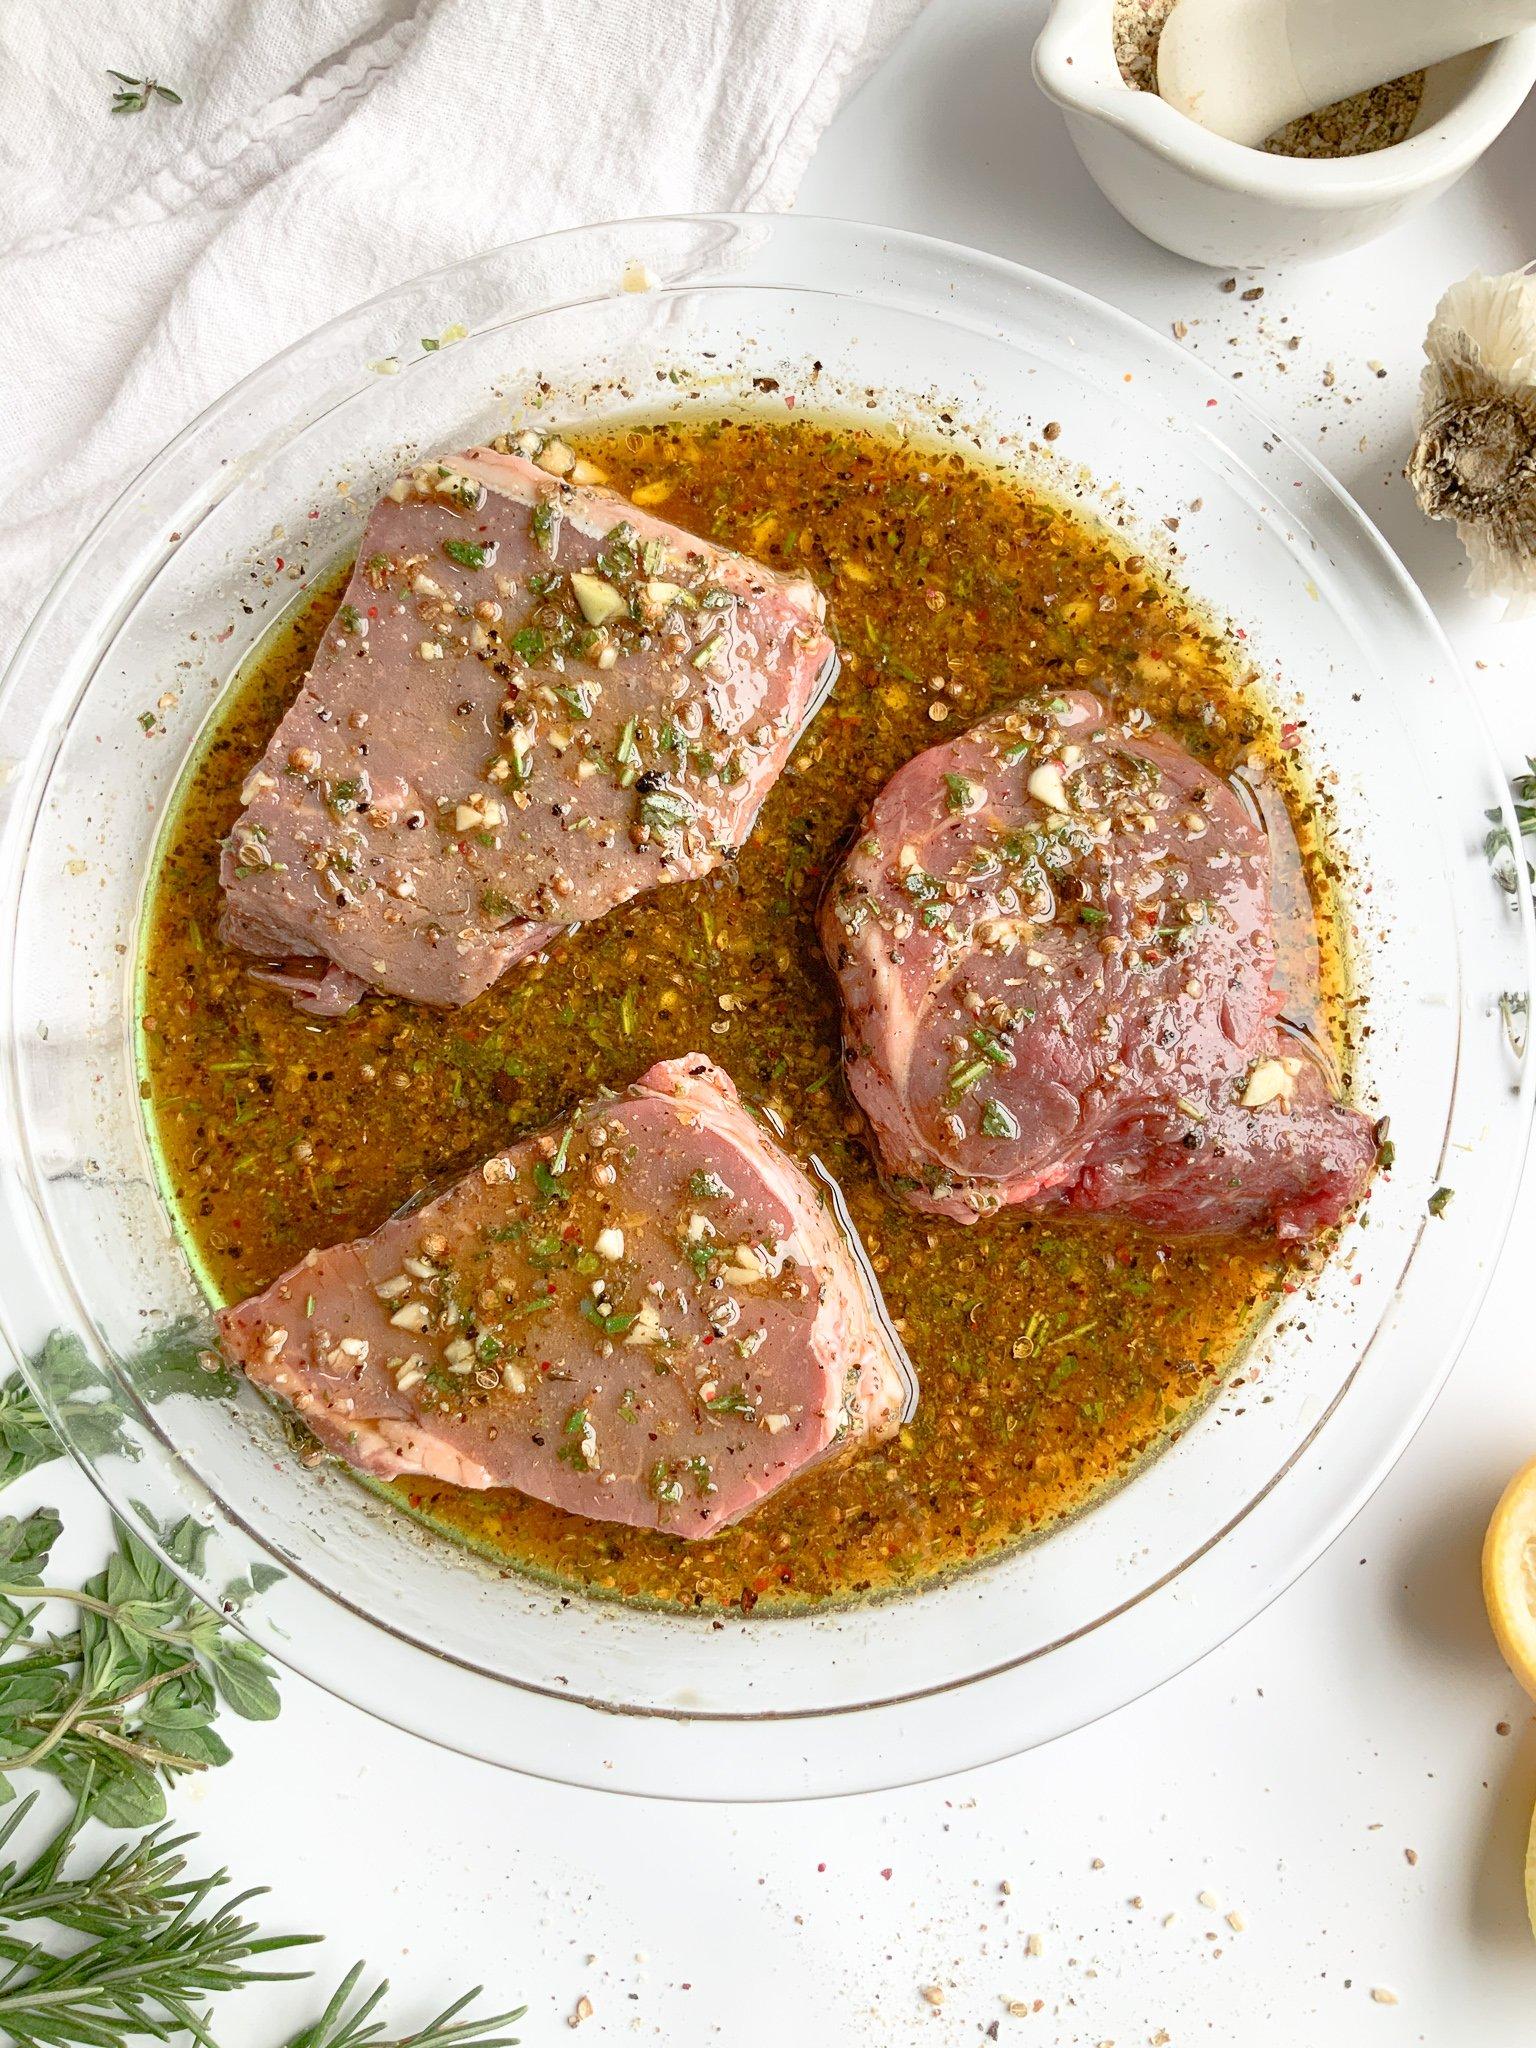 garlic herb steak marinade